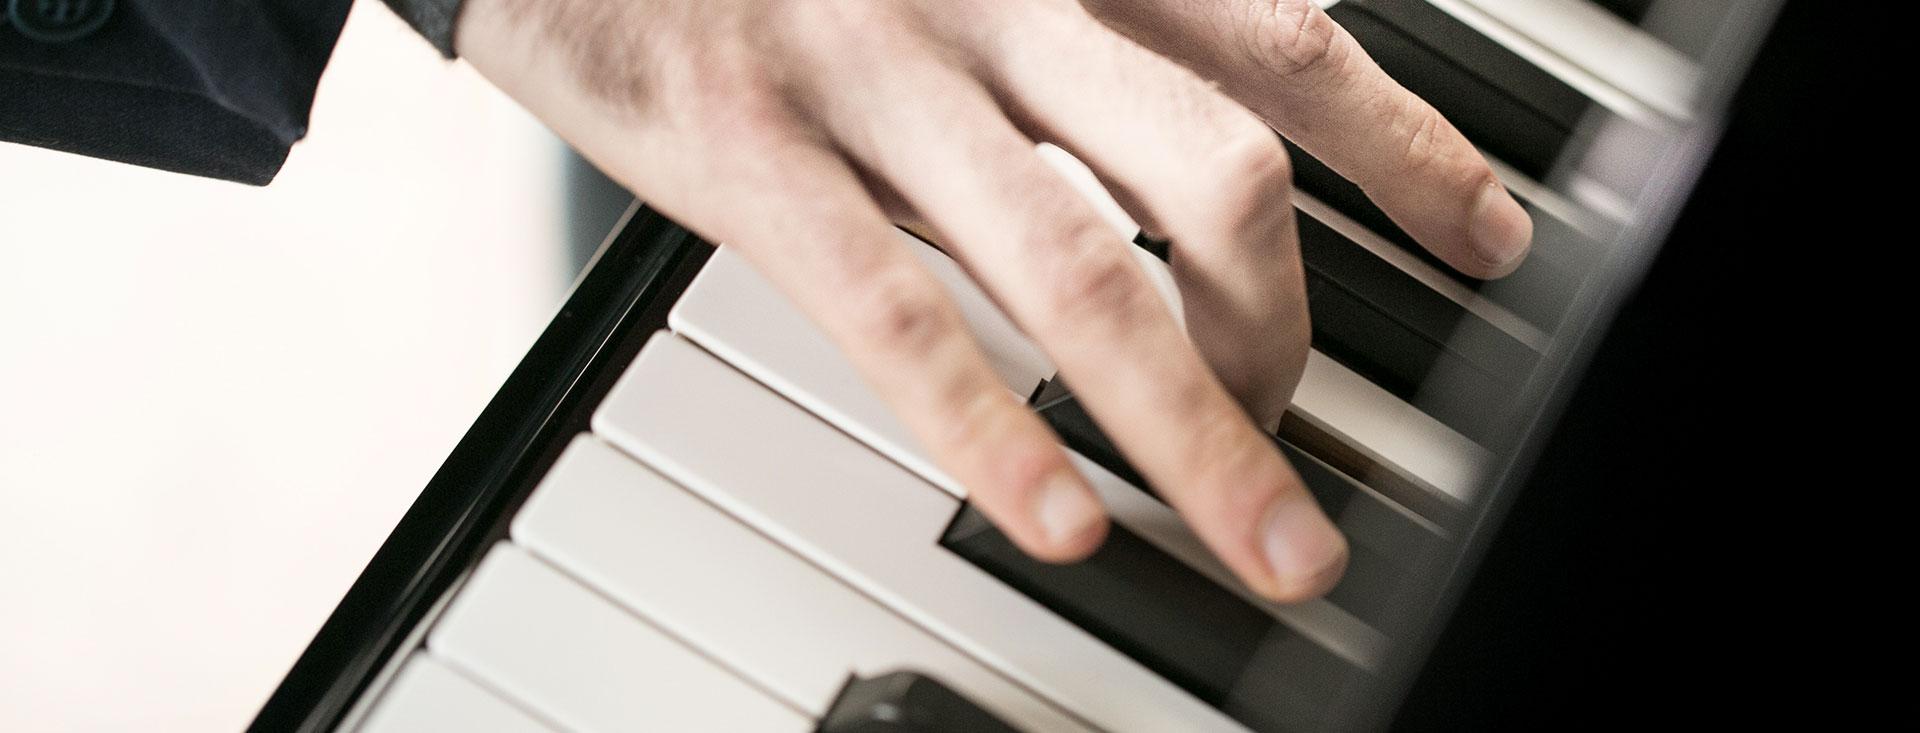 Yakir Arbib mano che suona pianoforte